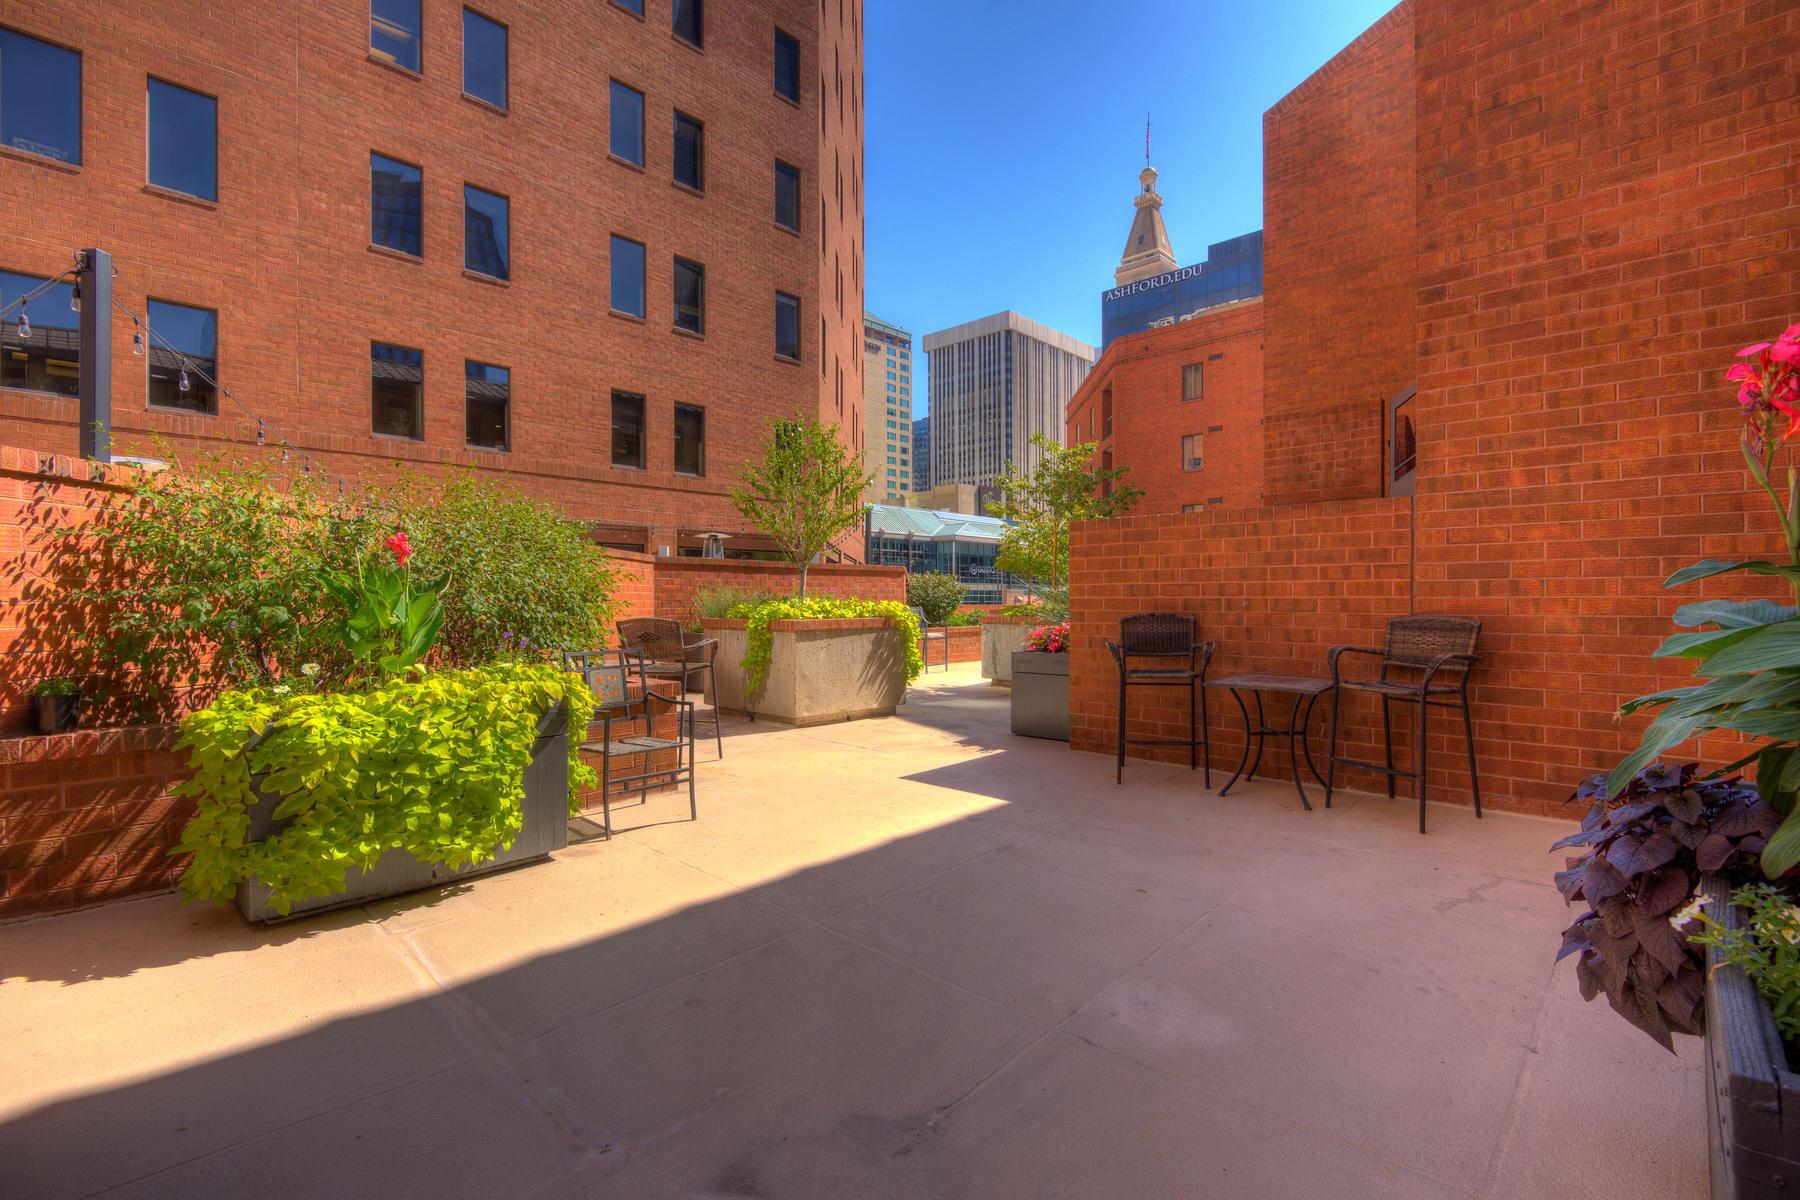 1512 Larimer Street-032-002-Exterior-MLS_Size.jpg